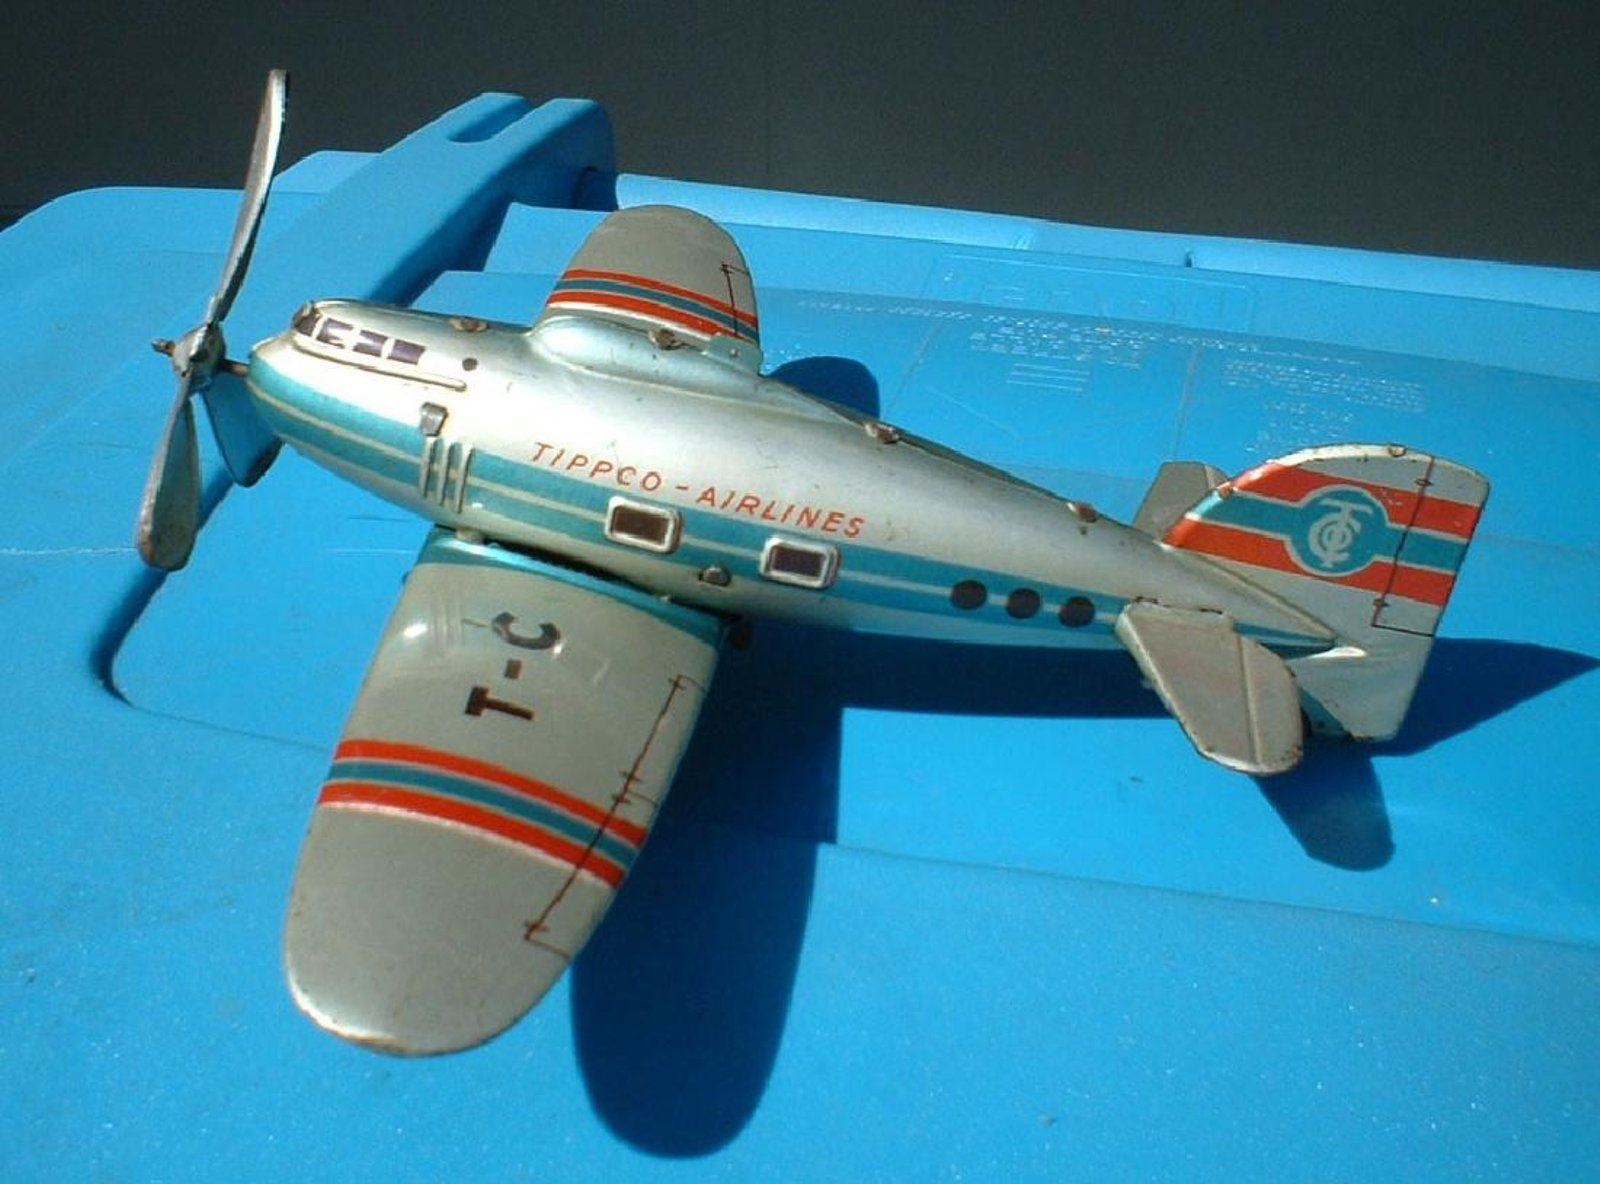 1950 toys images   Tippco plane w turning prop u landing gear    Toys